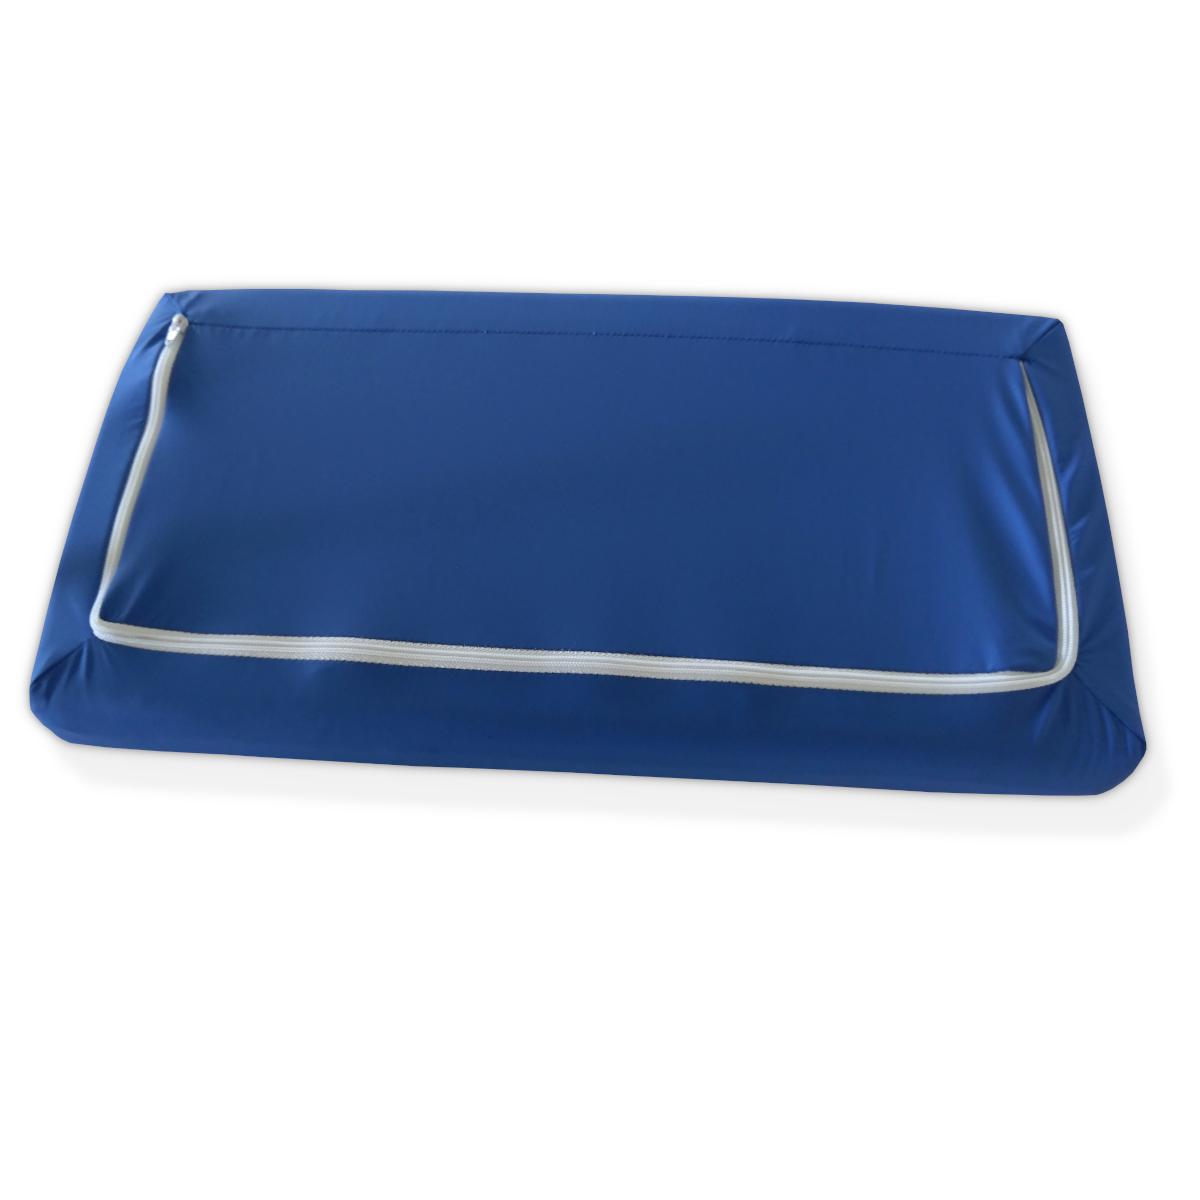 GEFATEX® Hygiene-Schutzbezug Modell 7300 Untere Seite